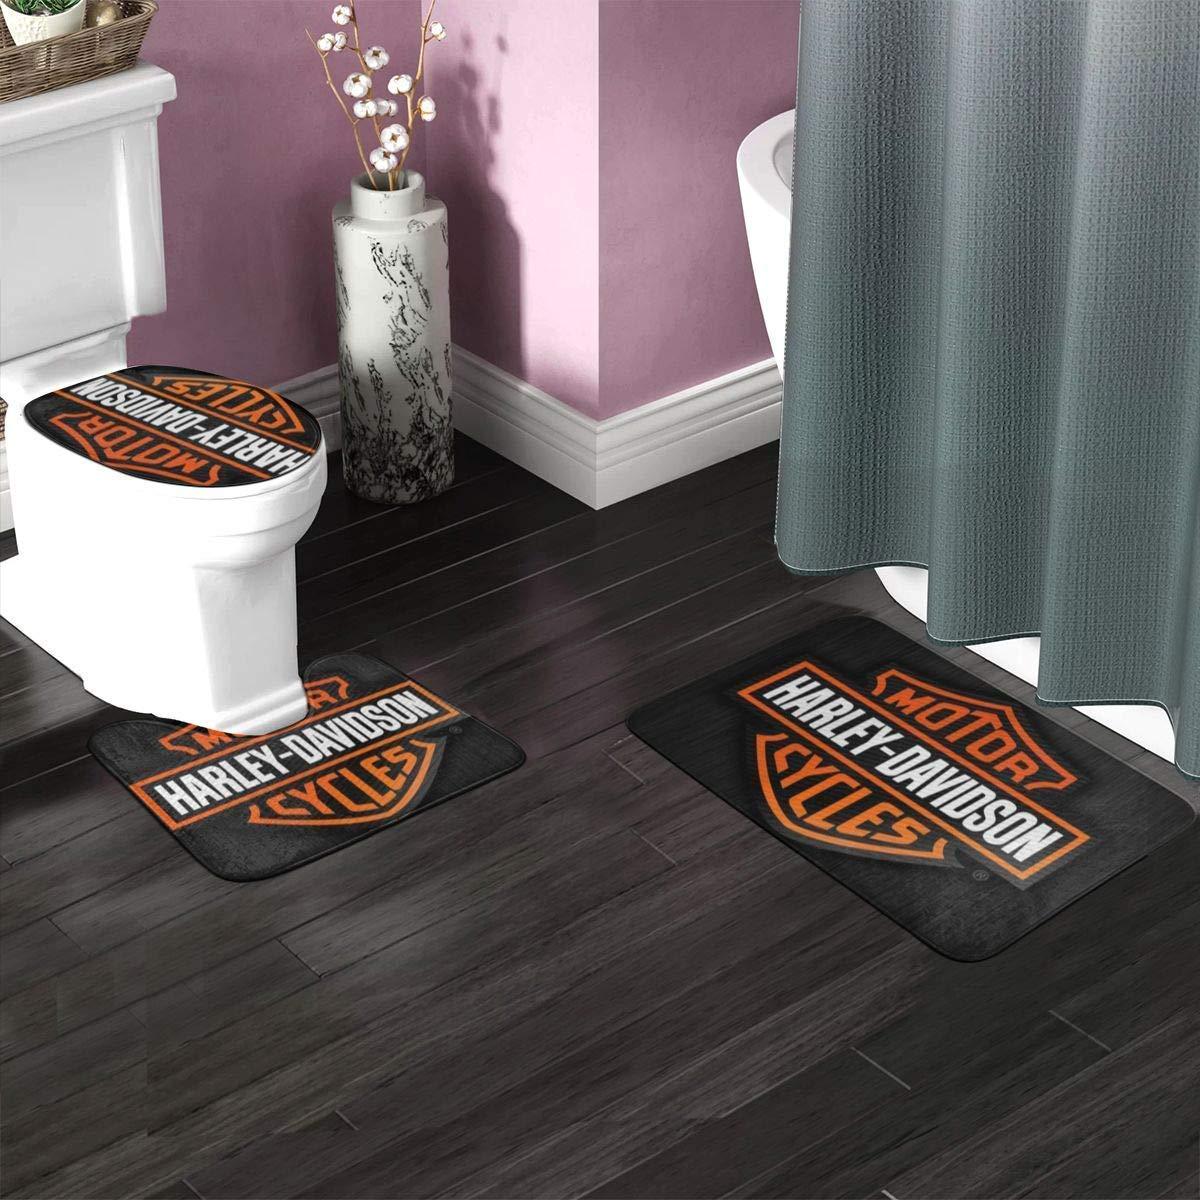 rainbowpig Har/_Ley David/_Son Tappetini da Bagno Antiscivolo assorbenti Set di 3 tappetini da Toilette 15.7  x 23.6